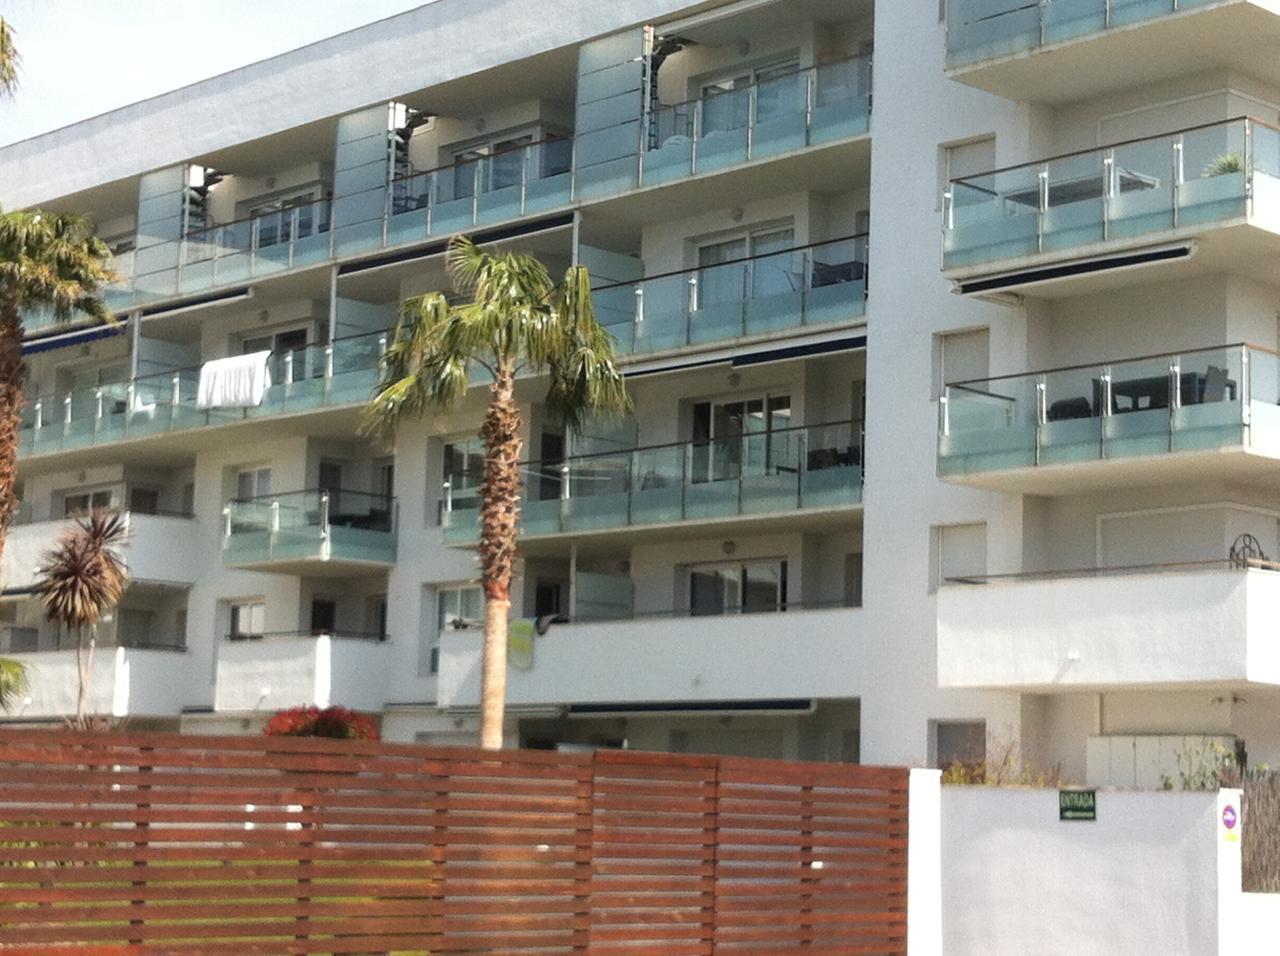 Ferienwohnung Wohnung in Neubau, sehr gut ausgestattet und praktisch, mit Klimaanlage Gemeinschaftspool  (2329141), Rosas (Costa Brava), Costa Brava, Katalonien, Spanien, Bild 9